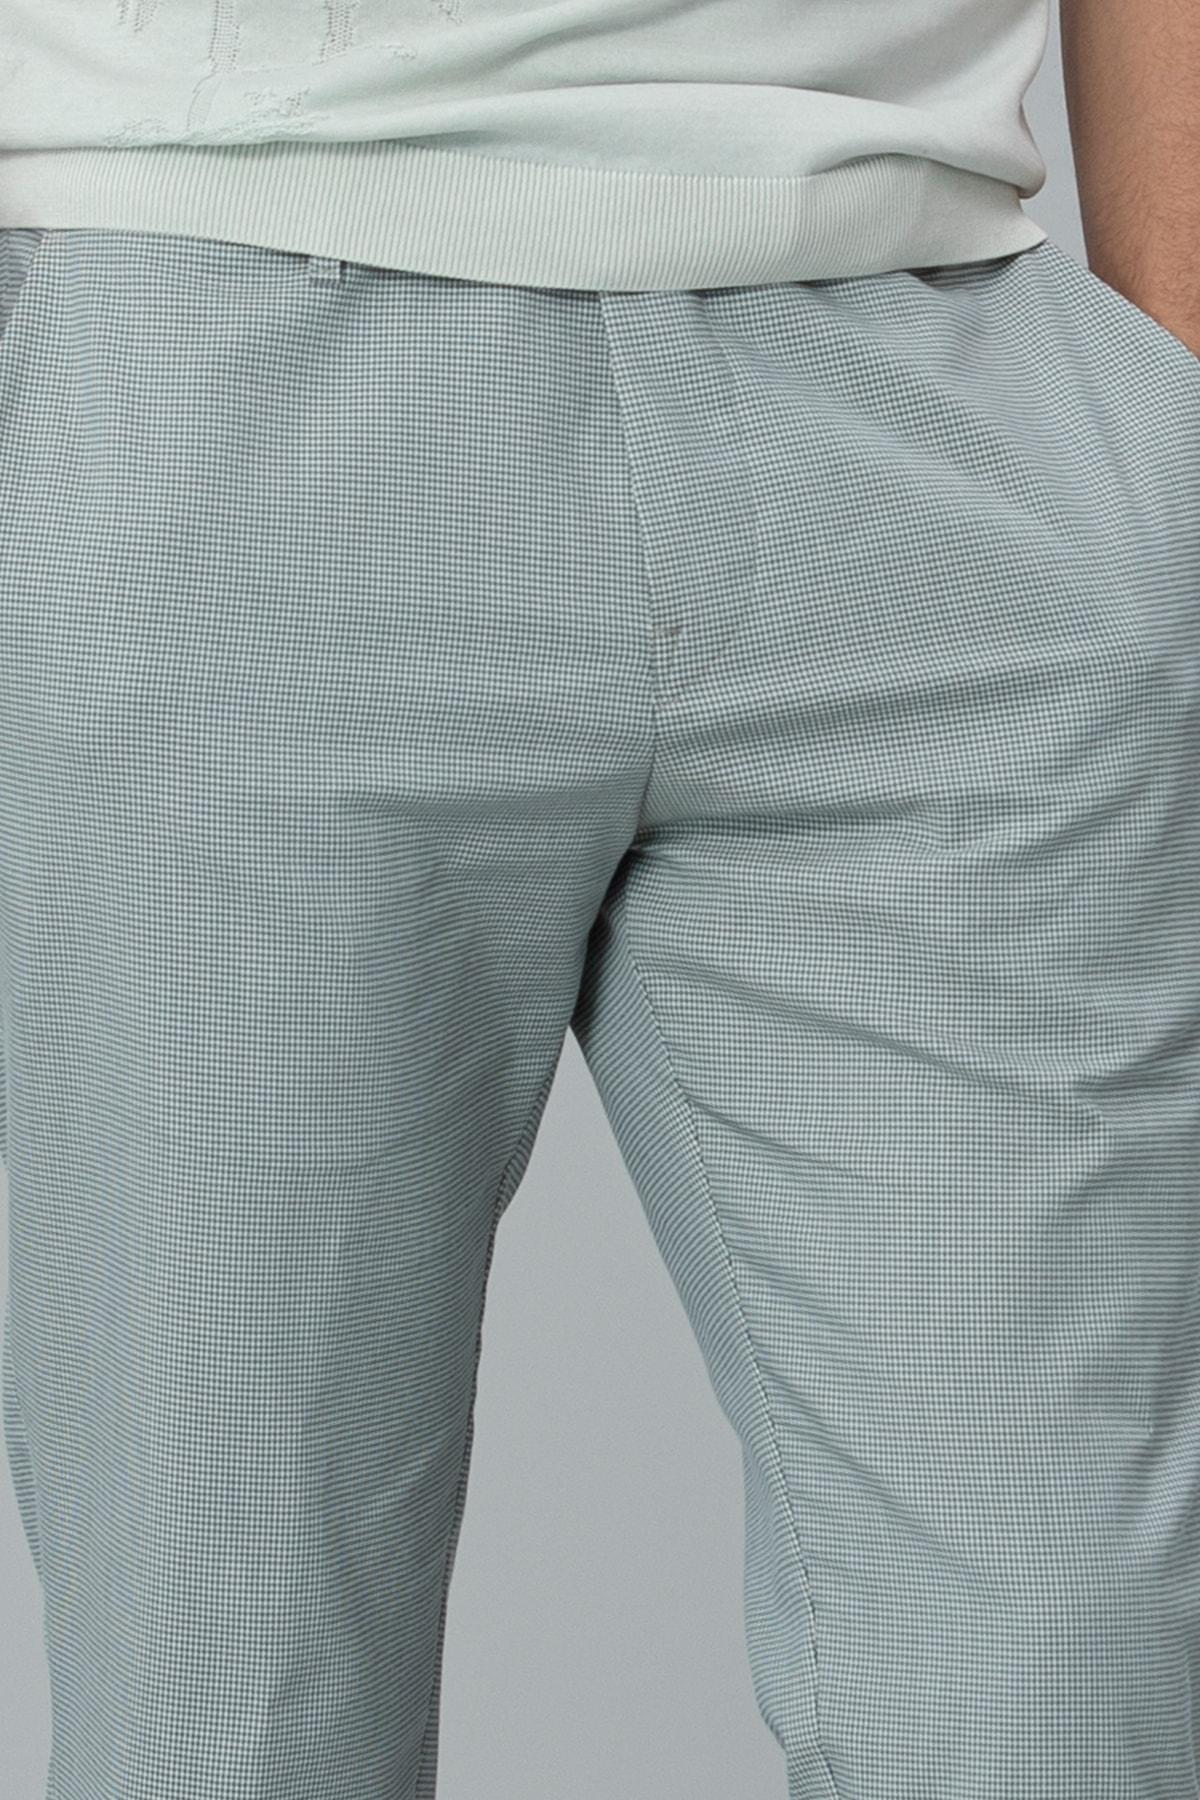 Lufian Klosi Spor Chino Pantolon Tailored Fit Yeşil 1